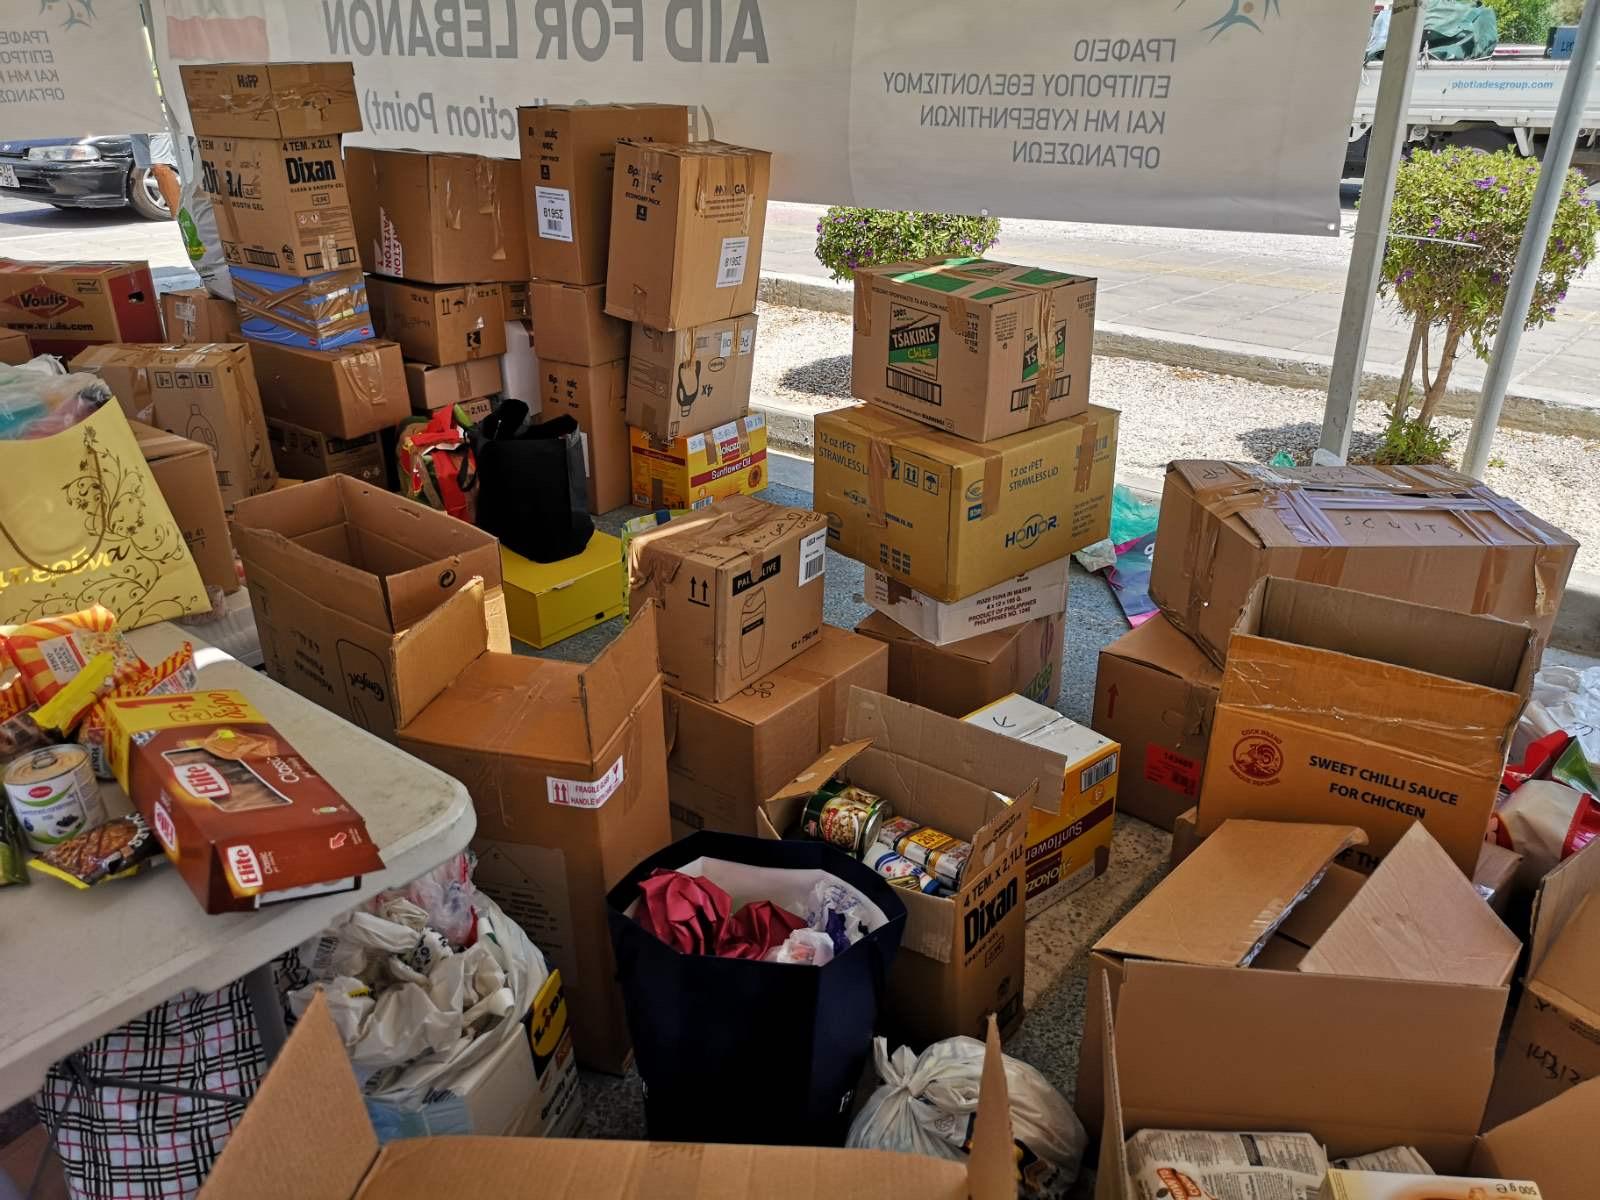 Ο Δήμος Αθηένου άρχισε την εκστρατεία συλλογής τροφίμων για τους πληγέντες του Λιβάνου